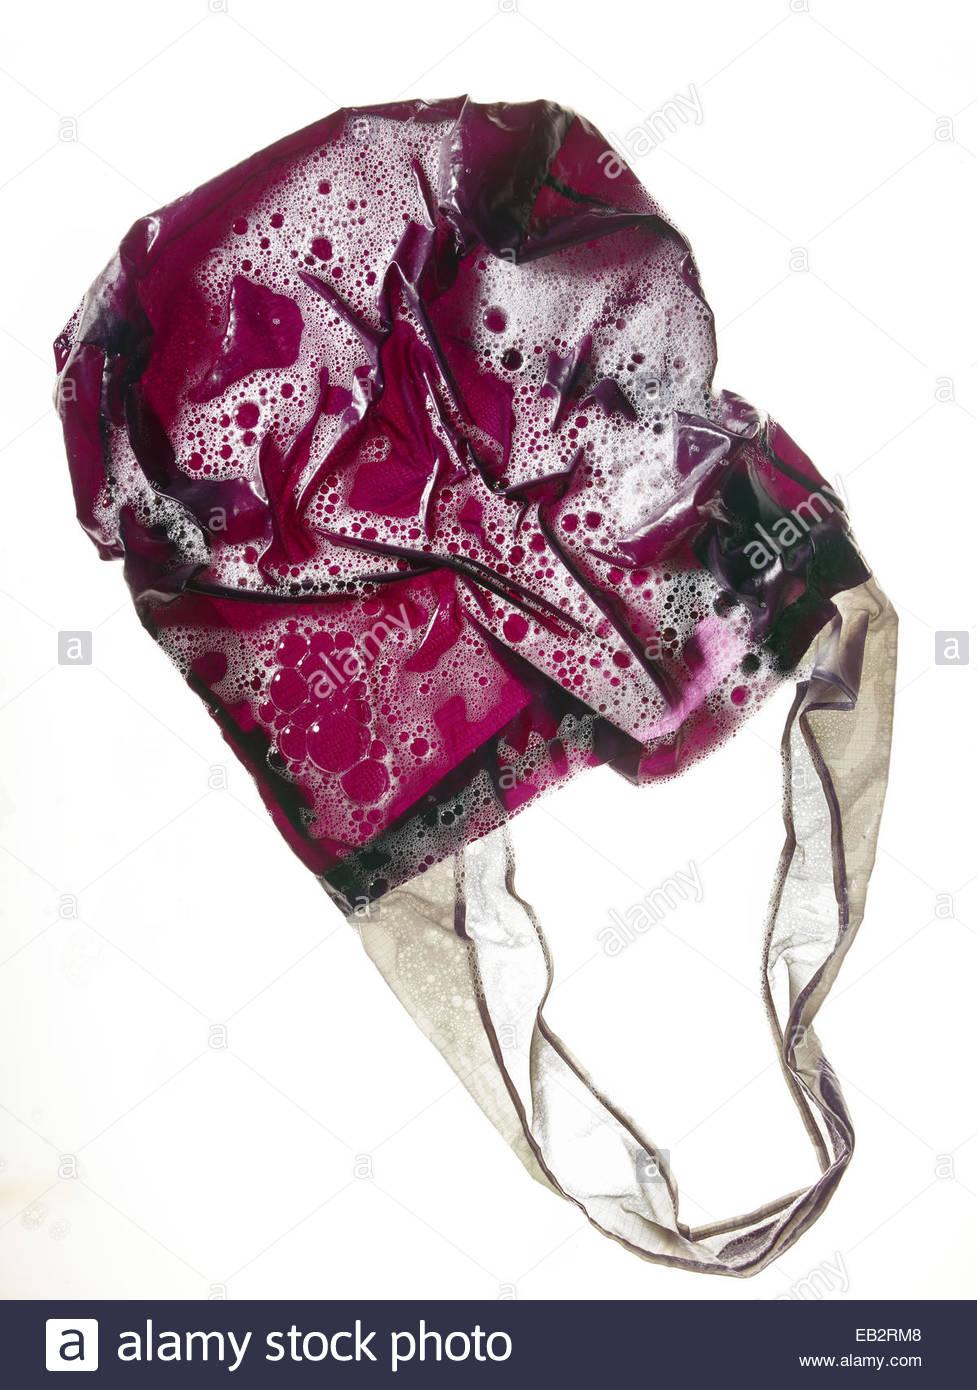 Mehrwegtaschen waschen verhindert die Ausbreitung von Bakterien aus Resten von rohem Fleisch oder verfaulte Frucht. Stockbild